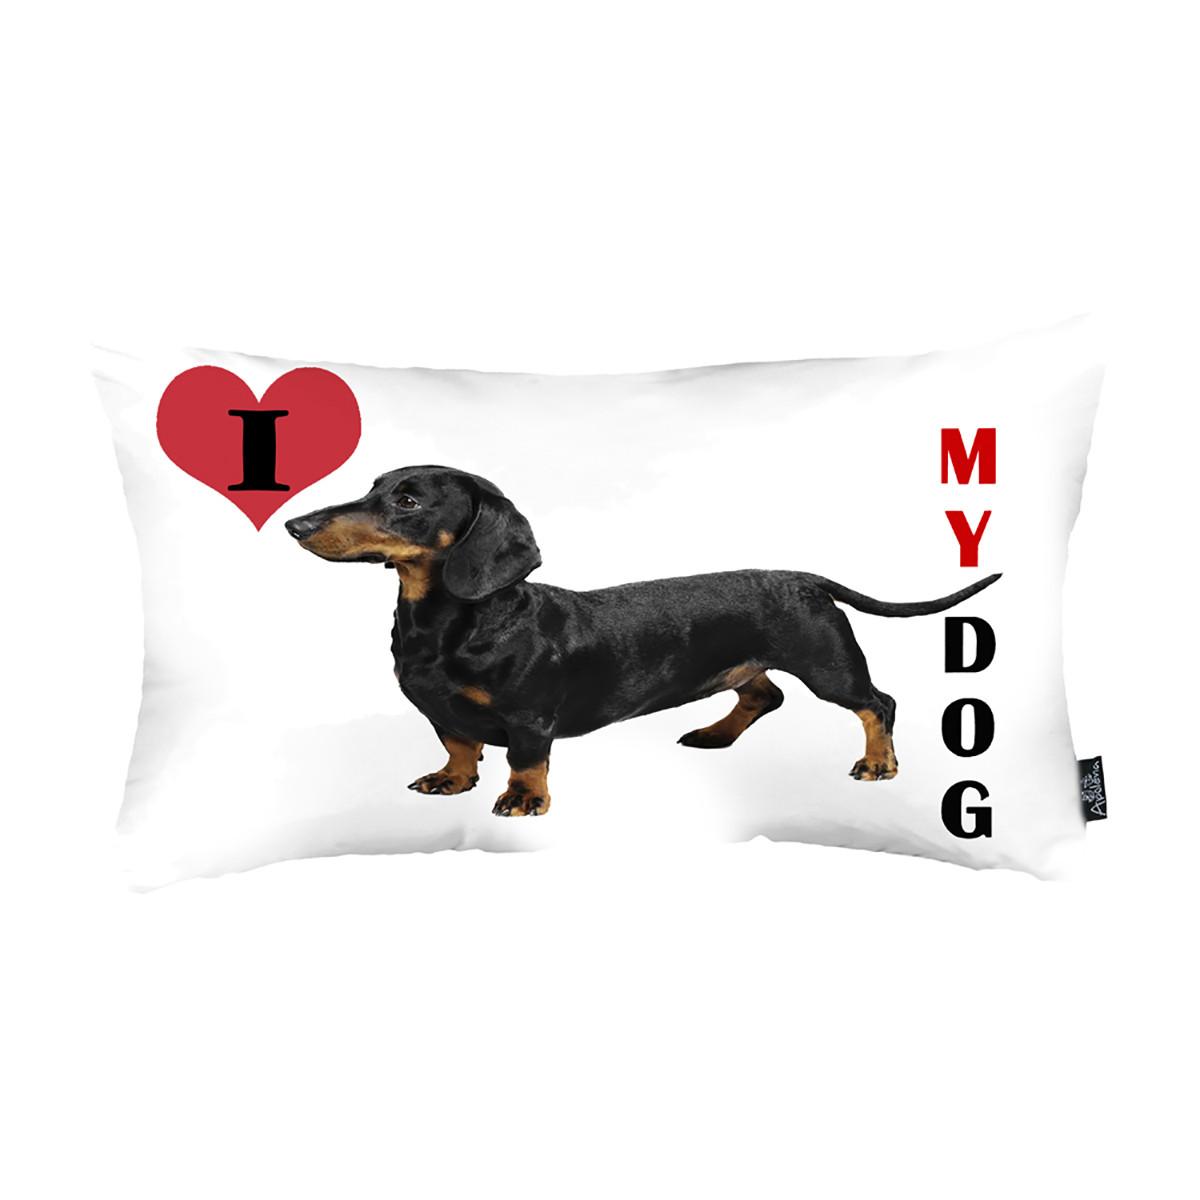 Διακοσμητική Μαξιλαροθήκη Σκυλάκι (30×51) Apolena 717-5413/1